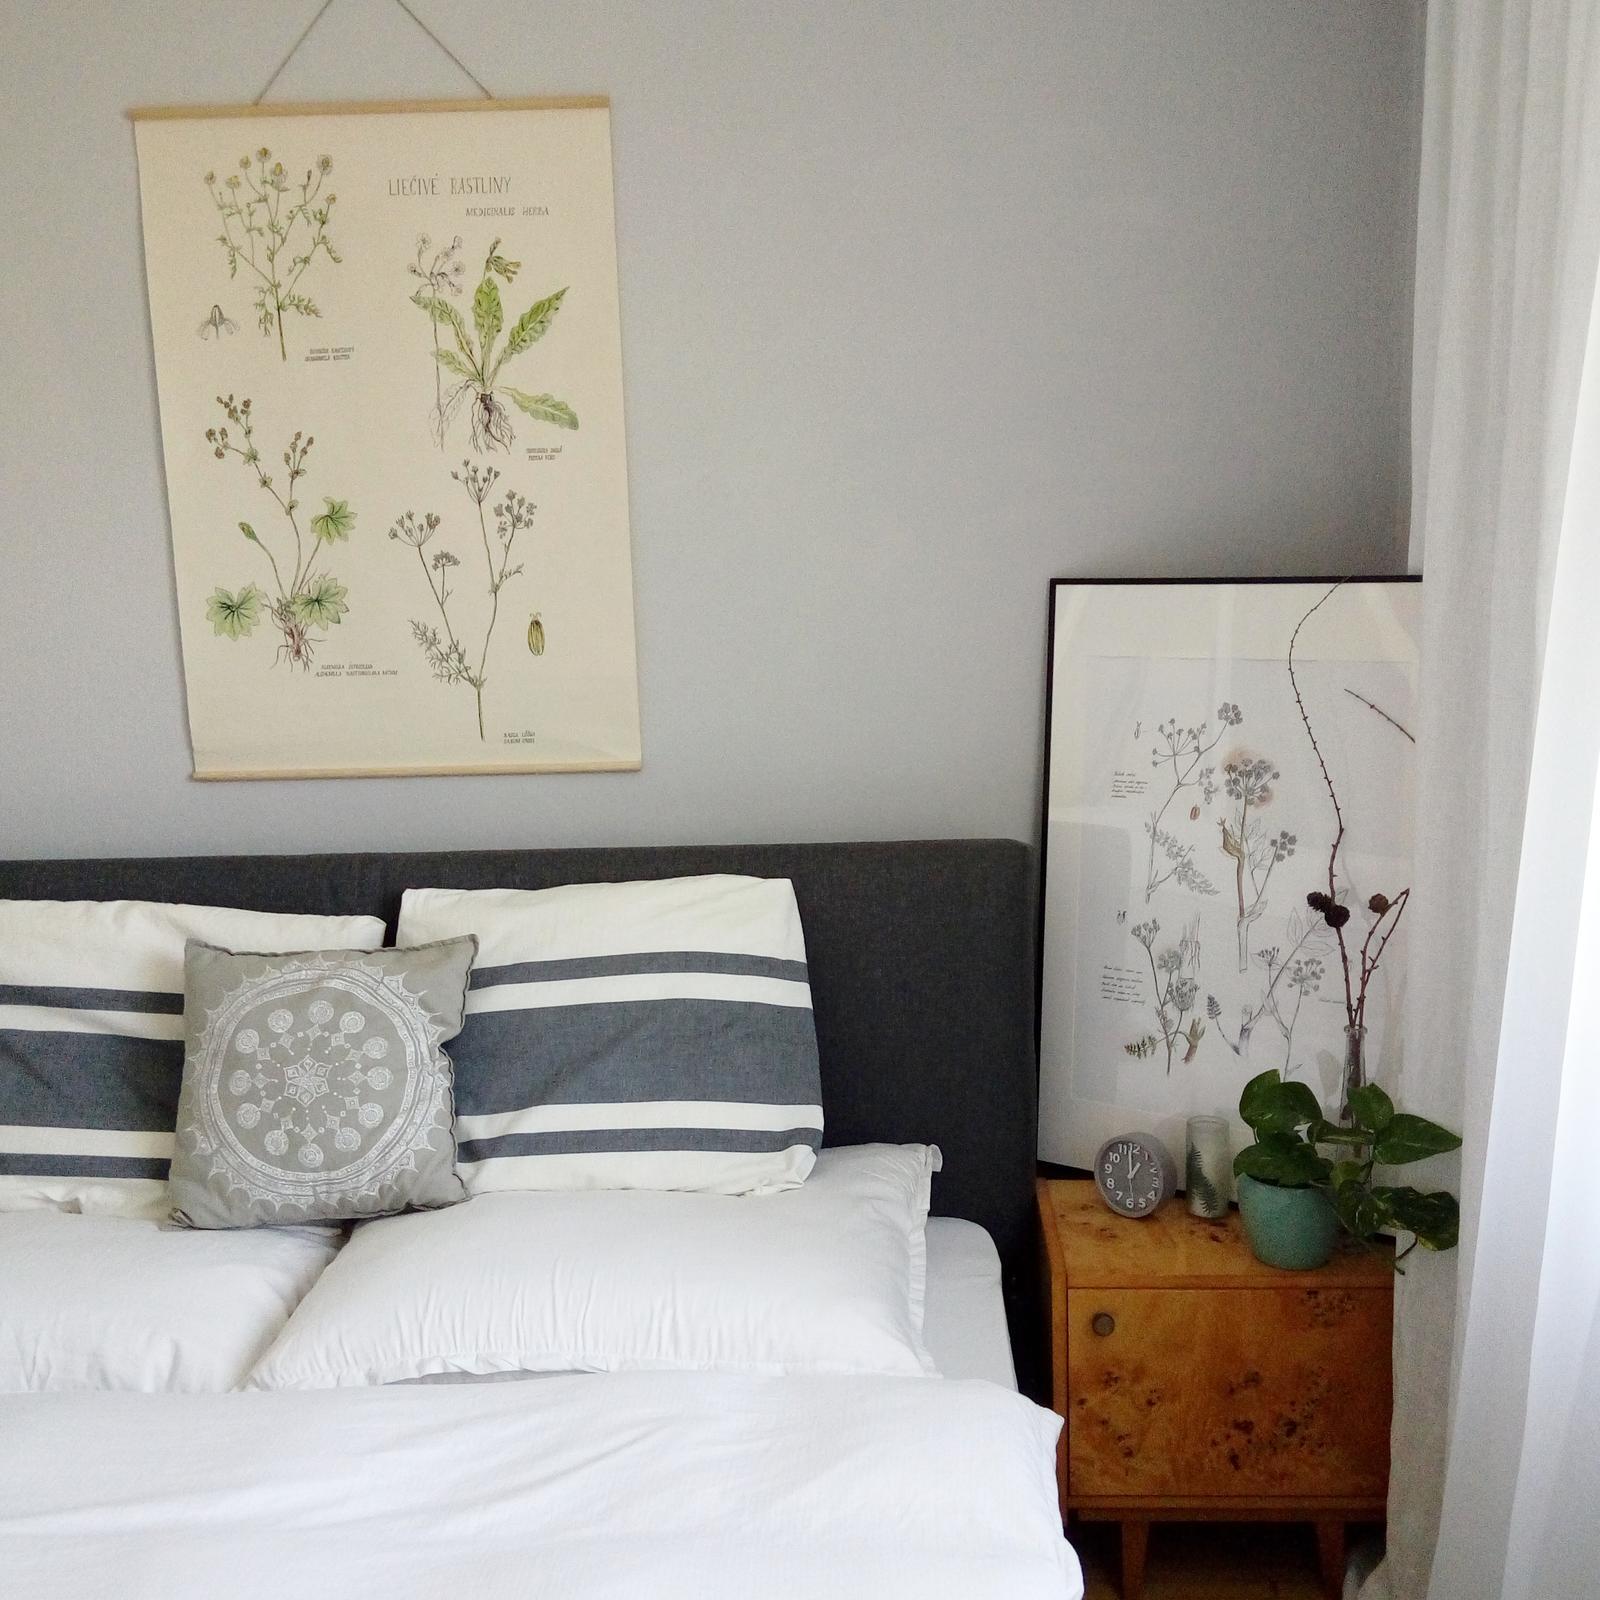 Domov - Spálňa a nami prečalúnená postel. Taká tá kovová postel... dali sme tam osb dosku a to biele rúno a látkou očalunili.